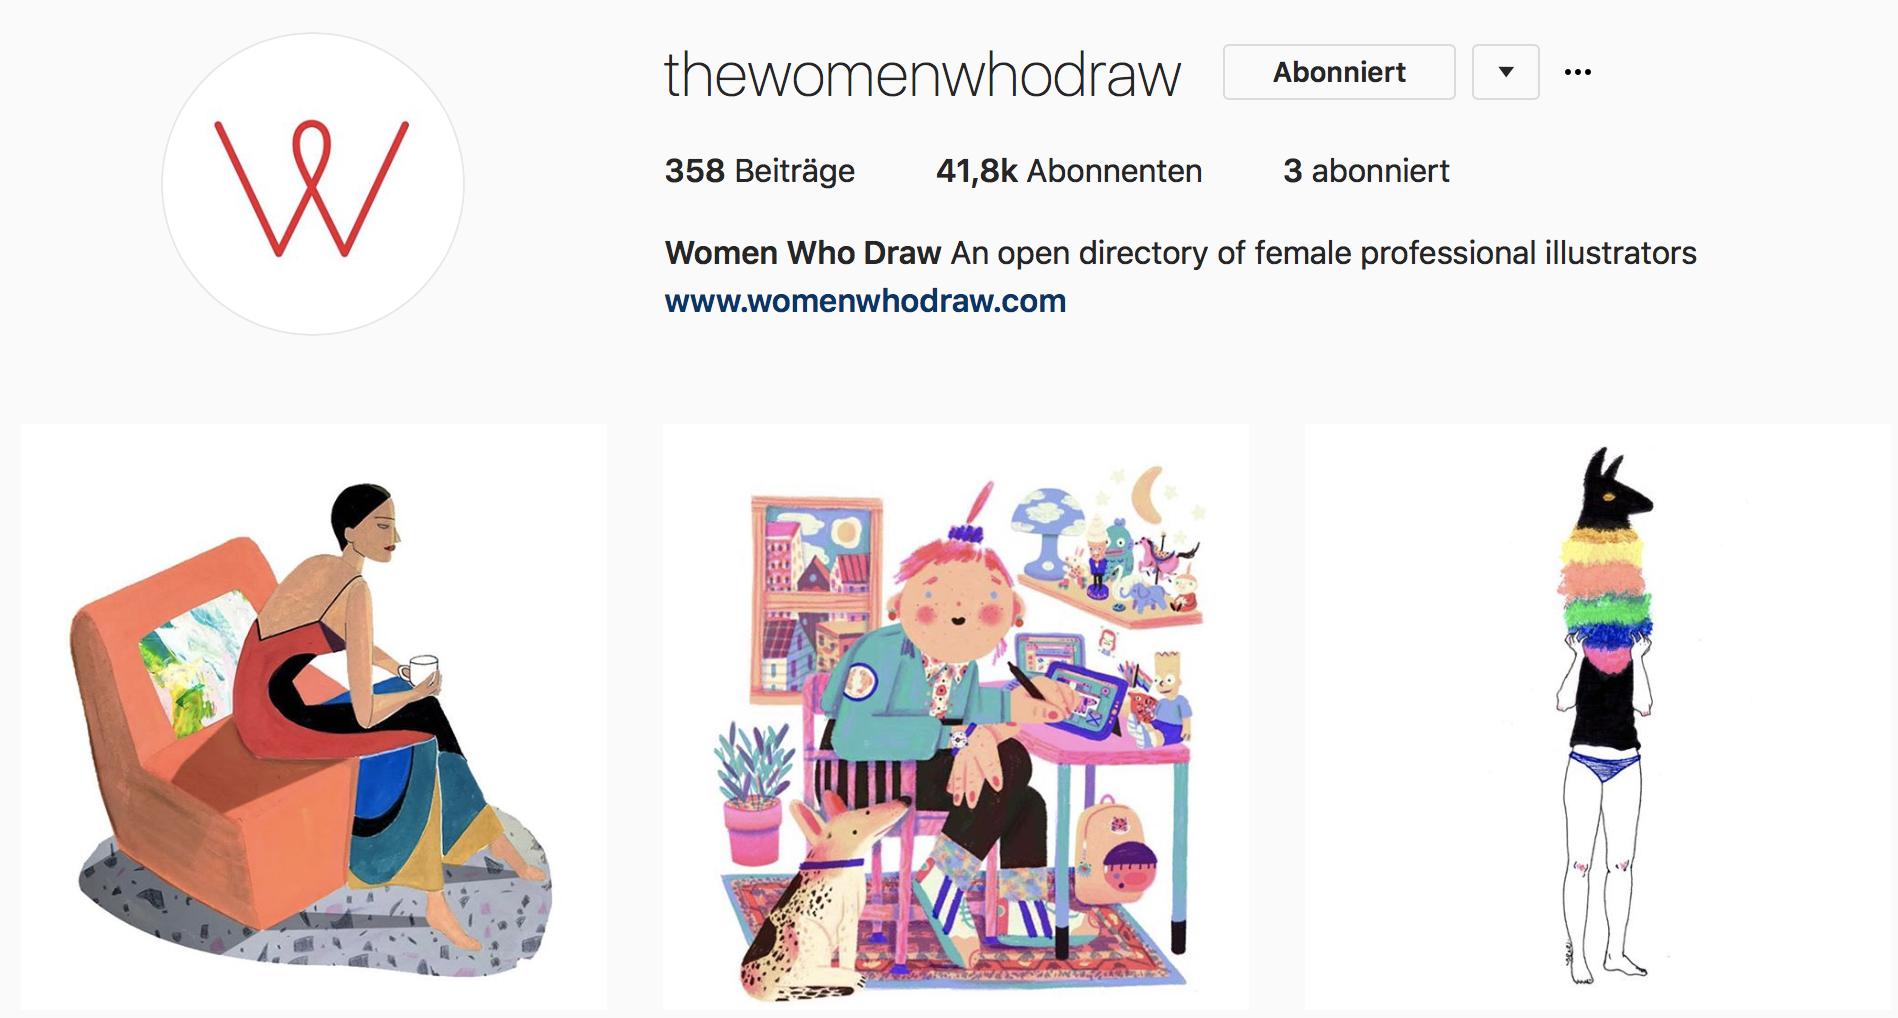 Feminismus auf Instagram